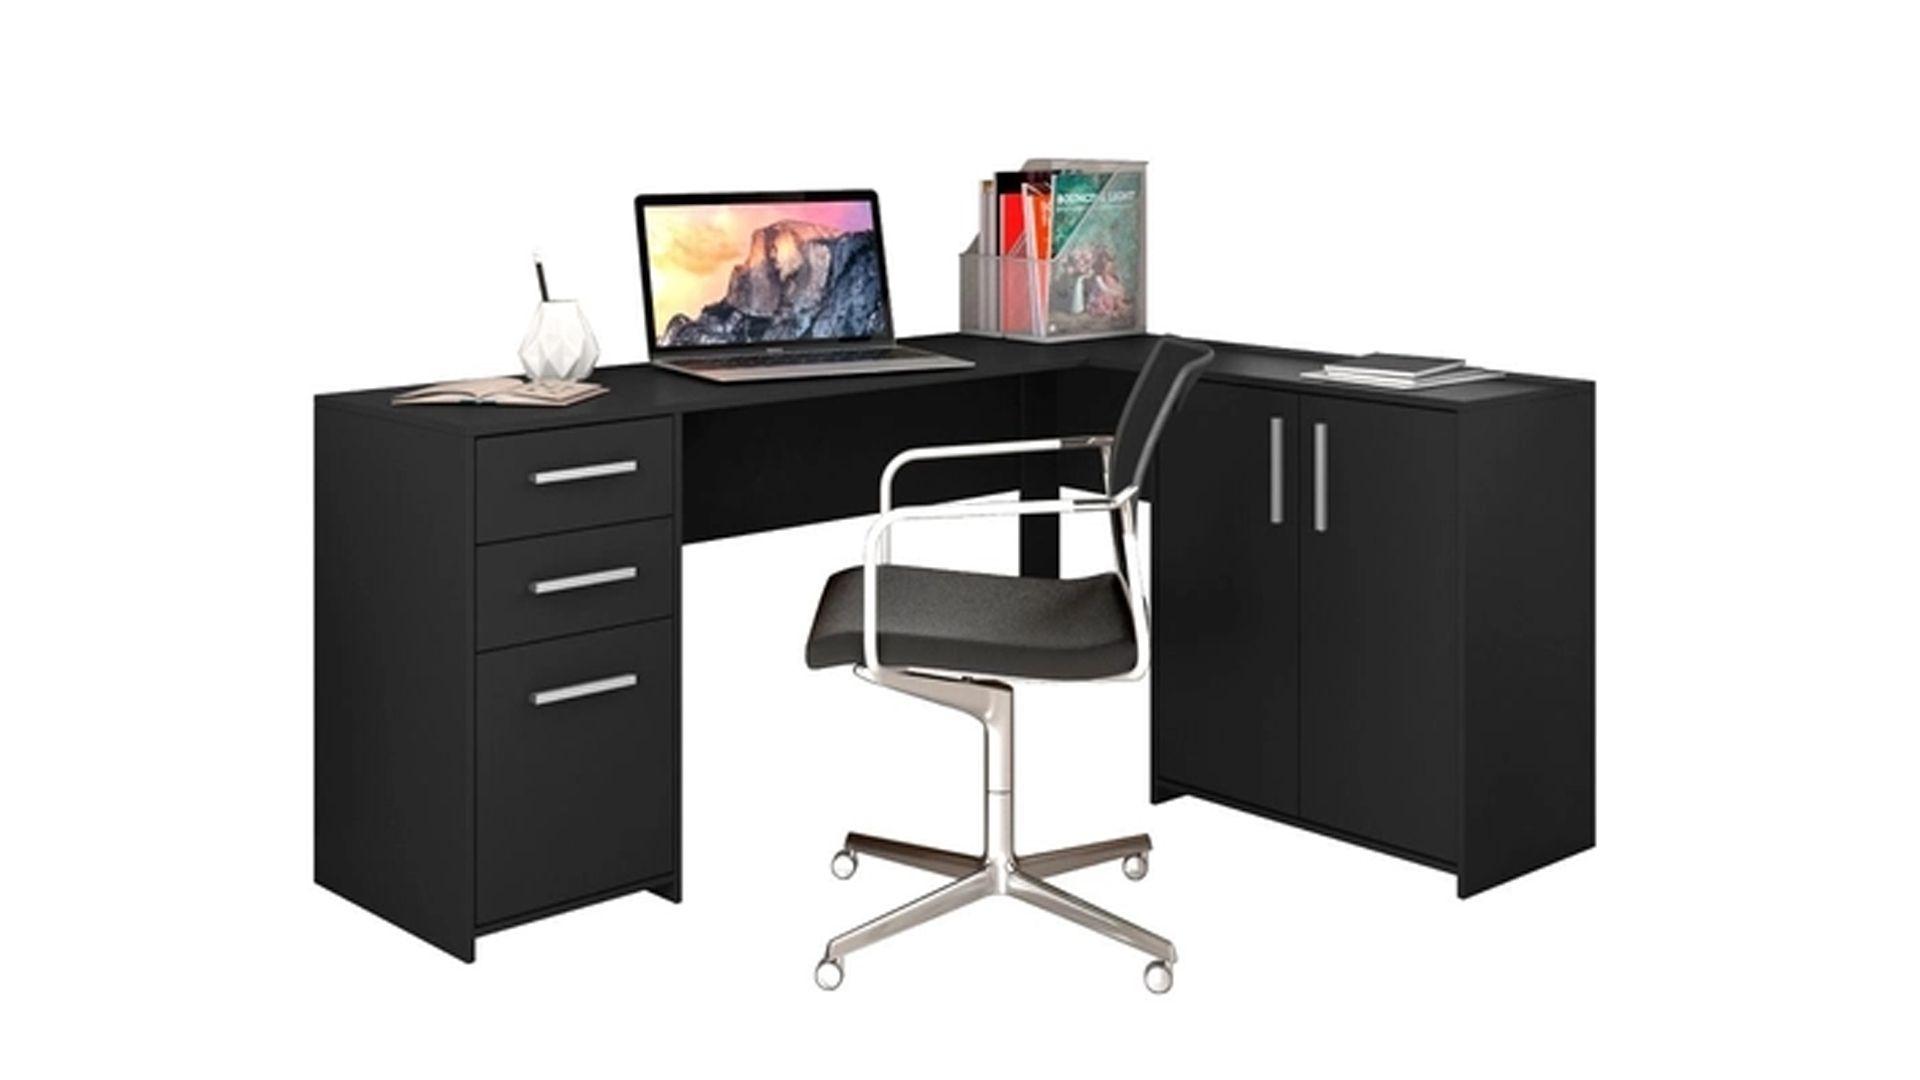 Uma mesa em L que permite uma decoração sofisticada e moderna (Fonte: Reprodução)